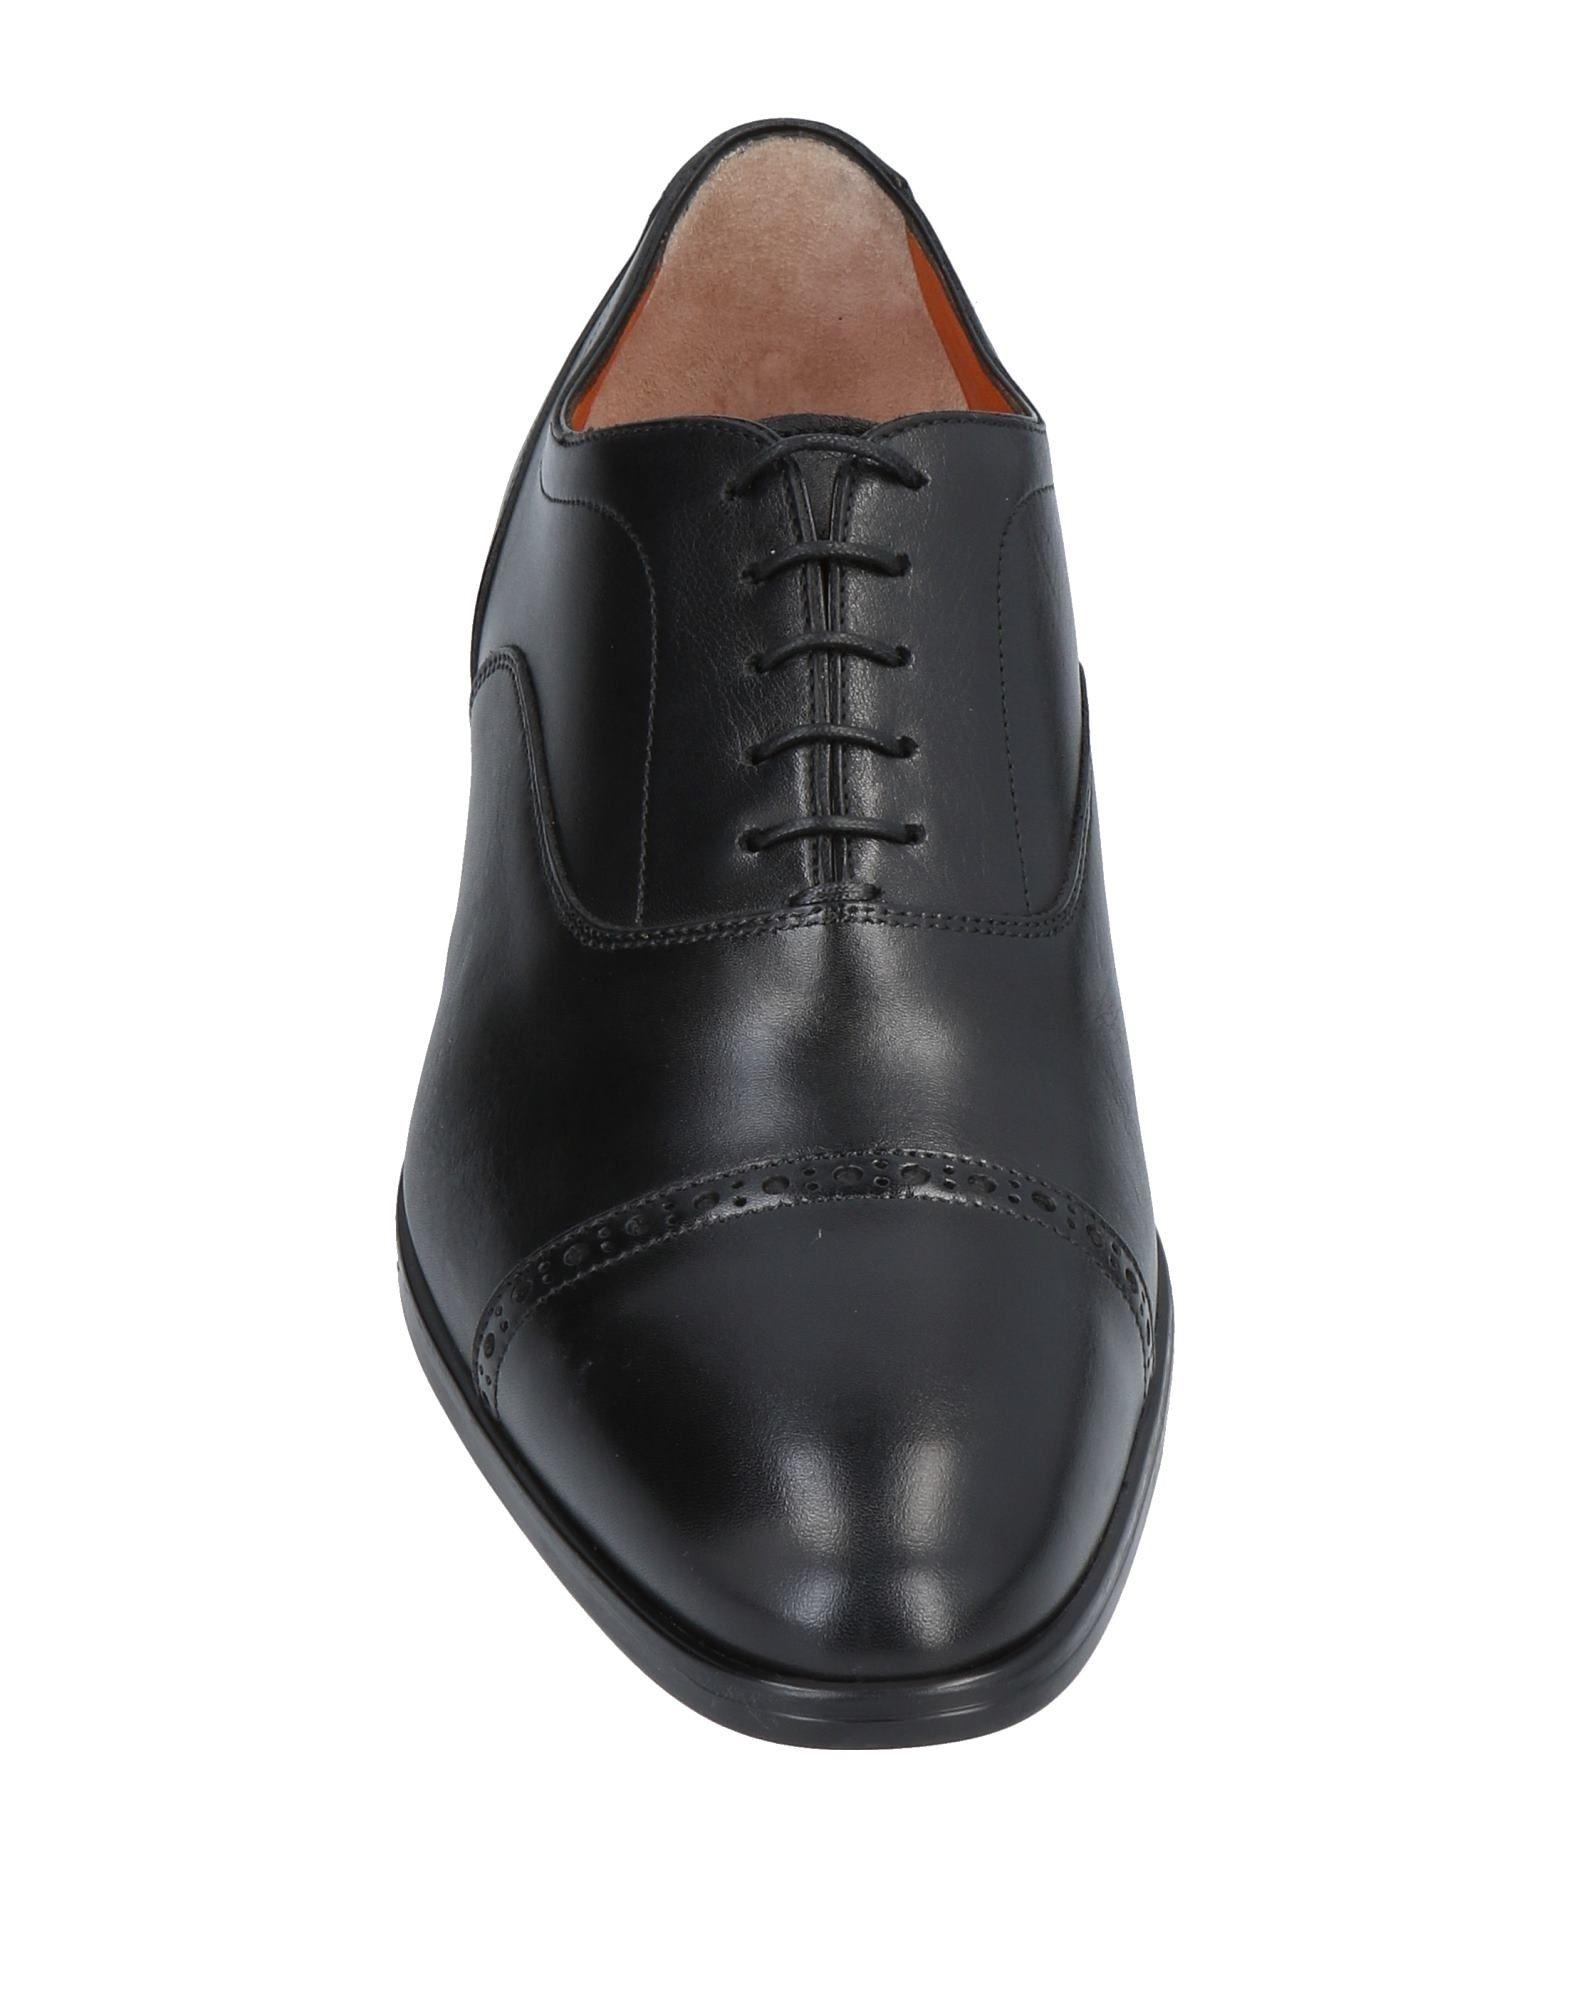 Santoni Schnürschuhe Herren Qualität  11478965VL Gute Qualität Herren beliebte Schuhe 21b40a